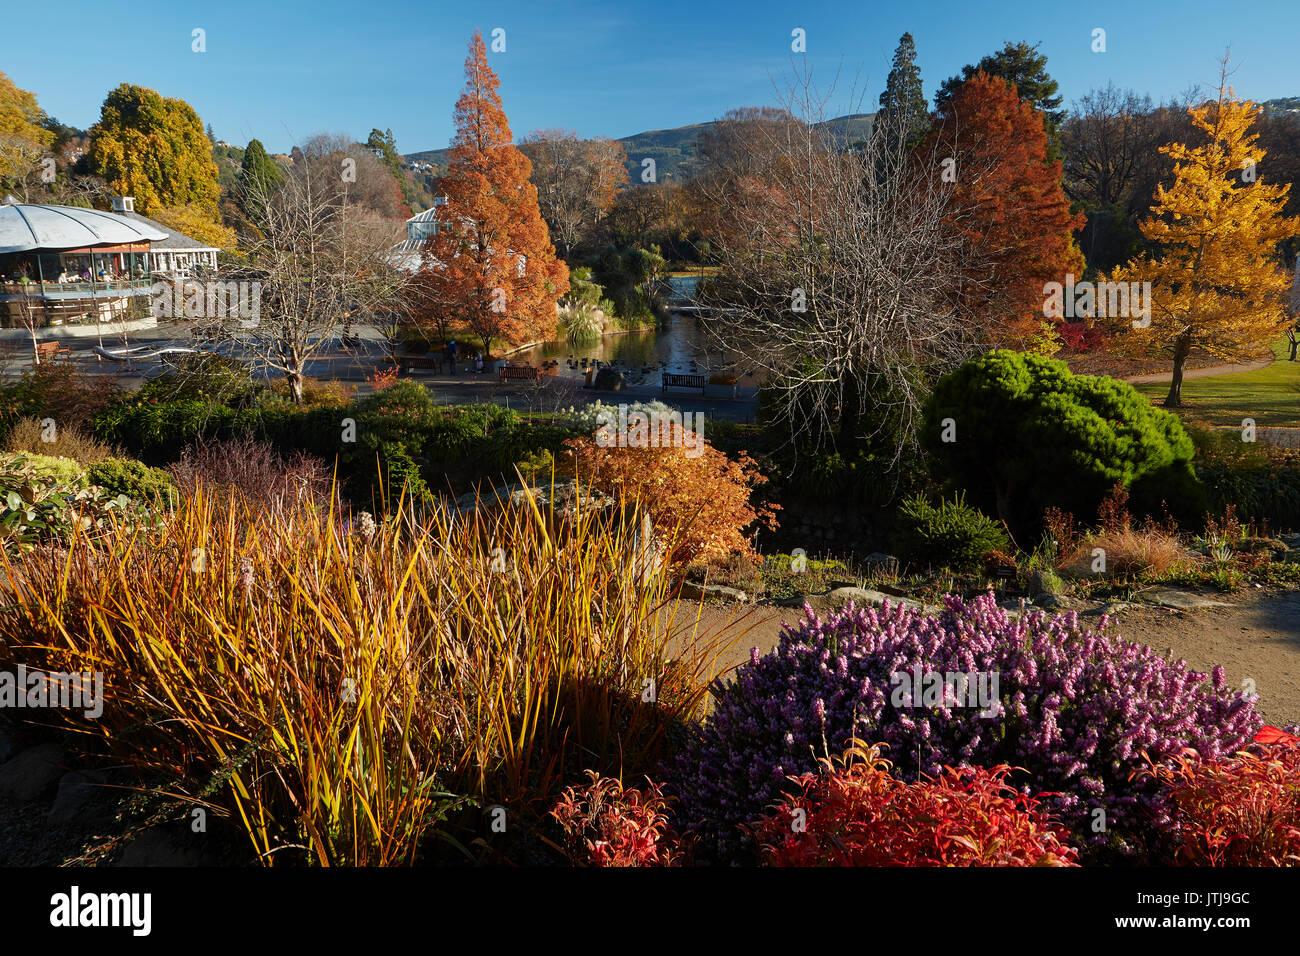 Dunedin Botanical Gardens Stock Photos & Dunedin Botanical Gardens ...